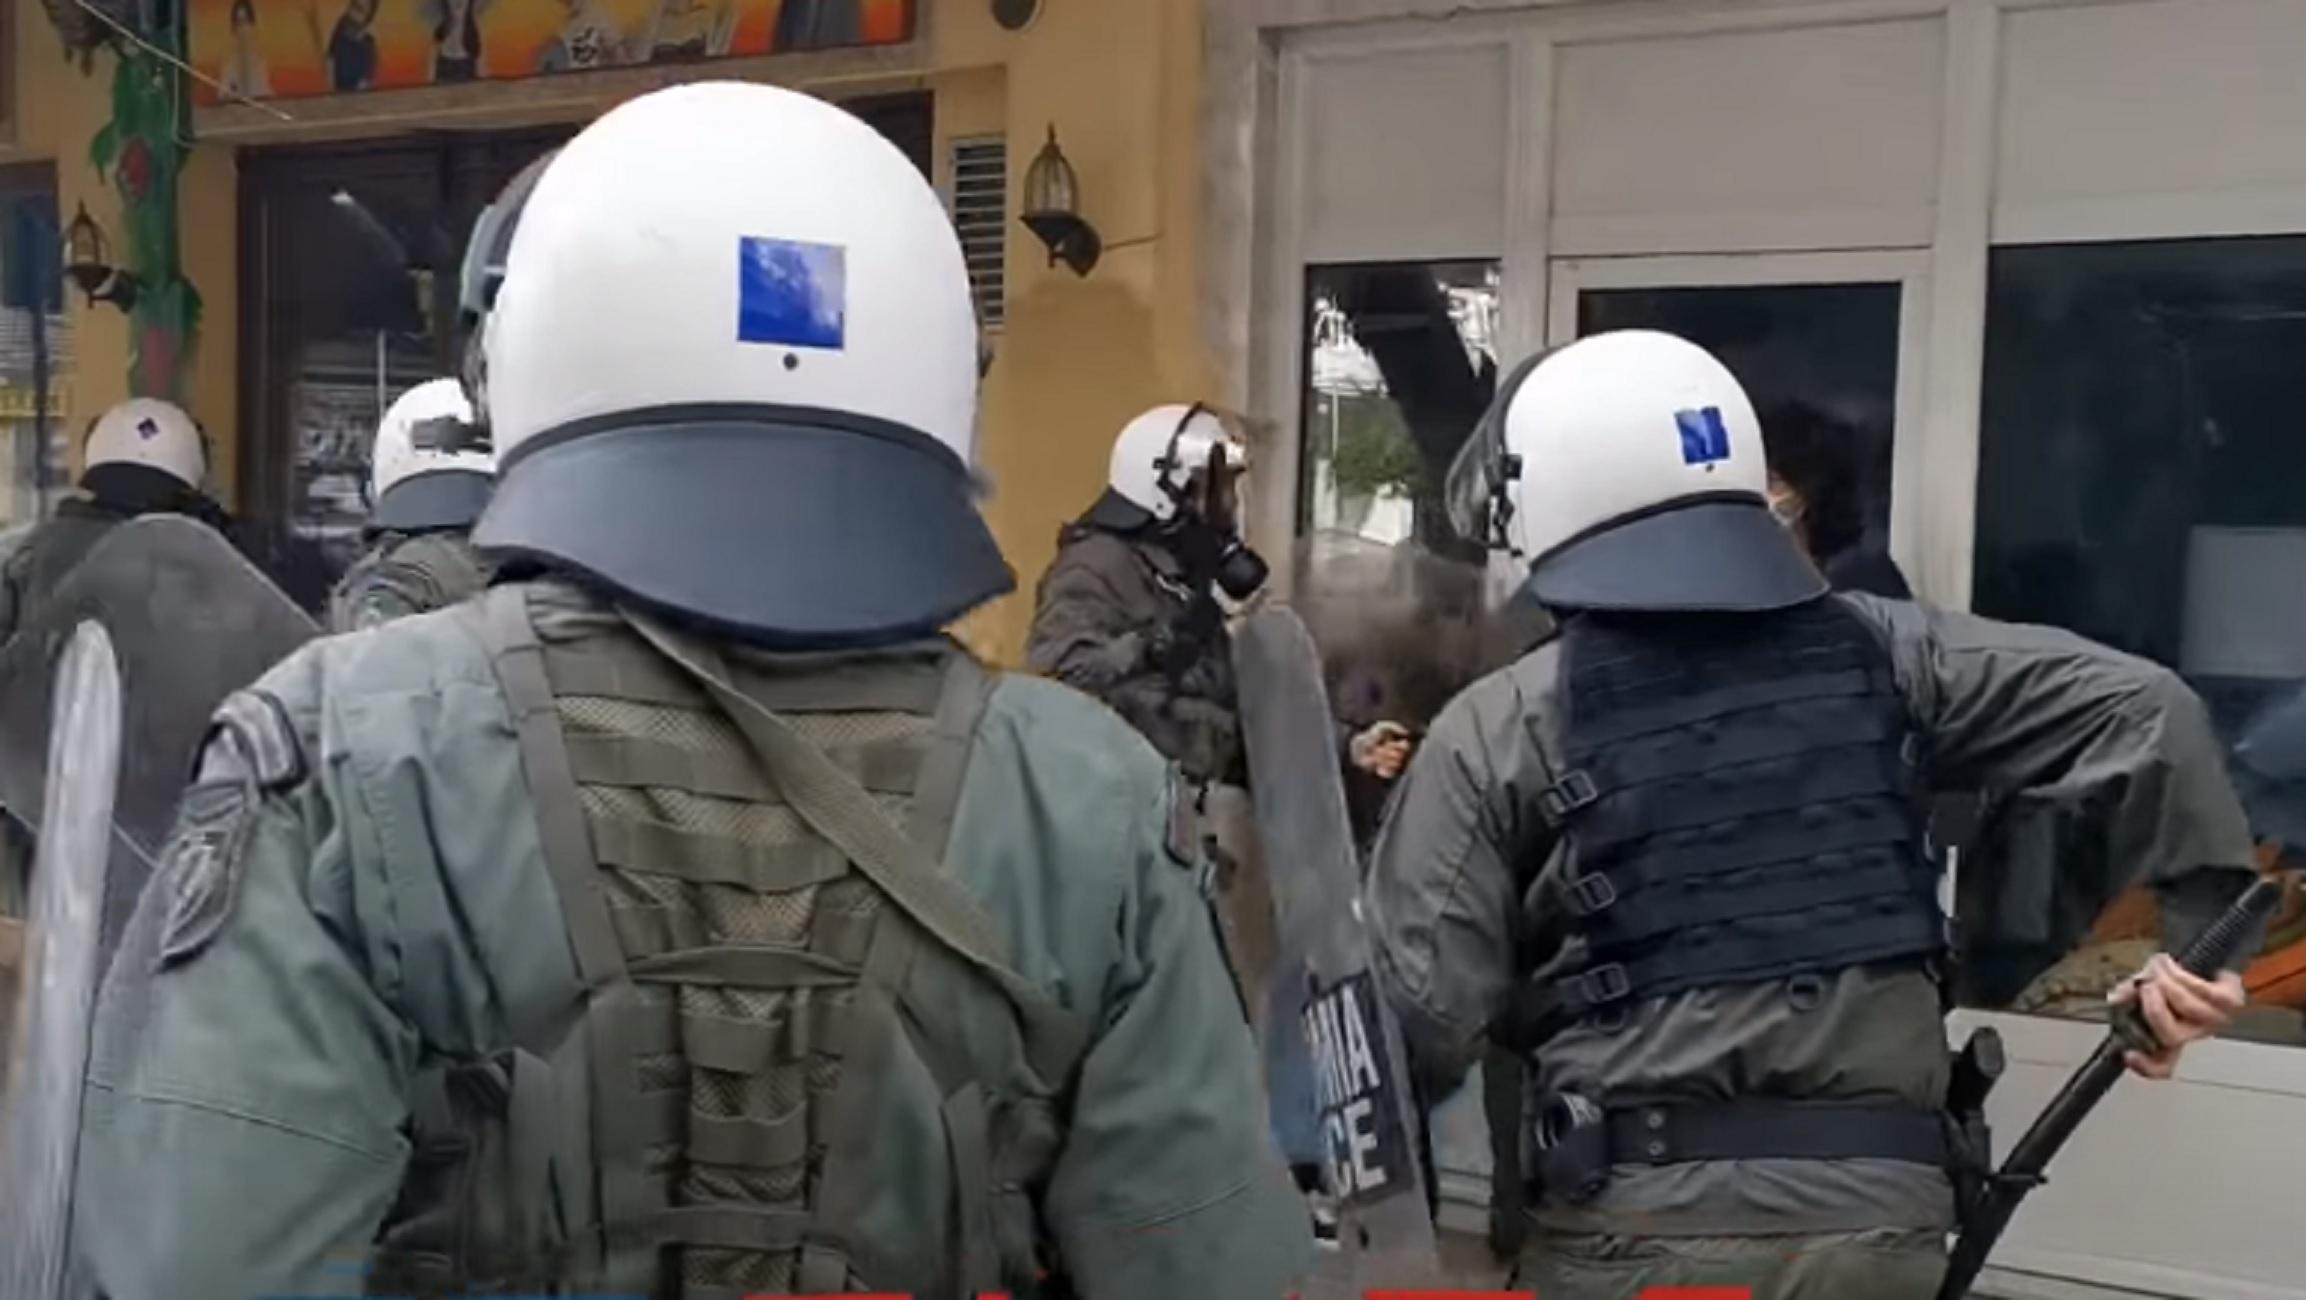 Θεσσαλονίκη: Αυτό είναι το βίντεο με τα χτυπήματα αστυνομικών των ΜΑΤ που προκάλεσε εισαγγελική παρέμβαση